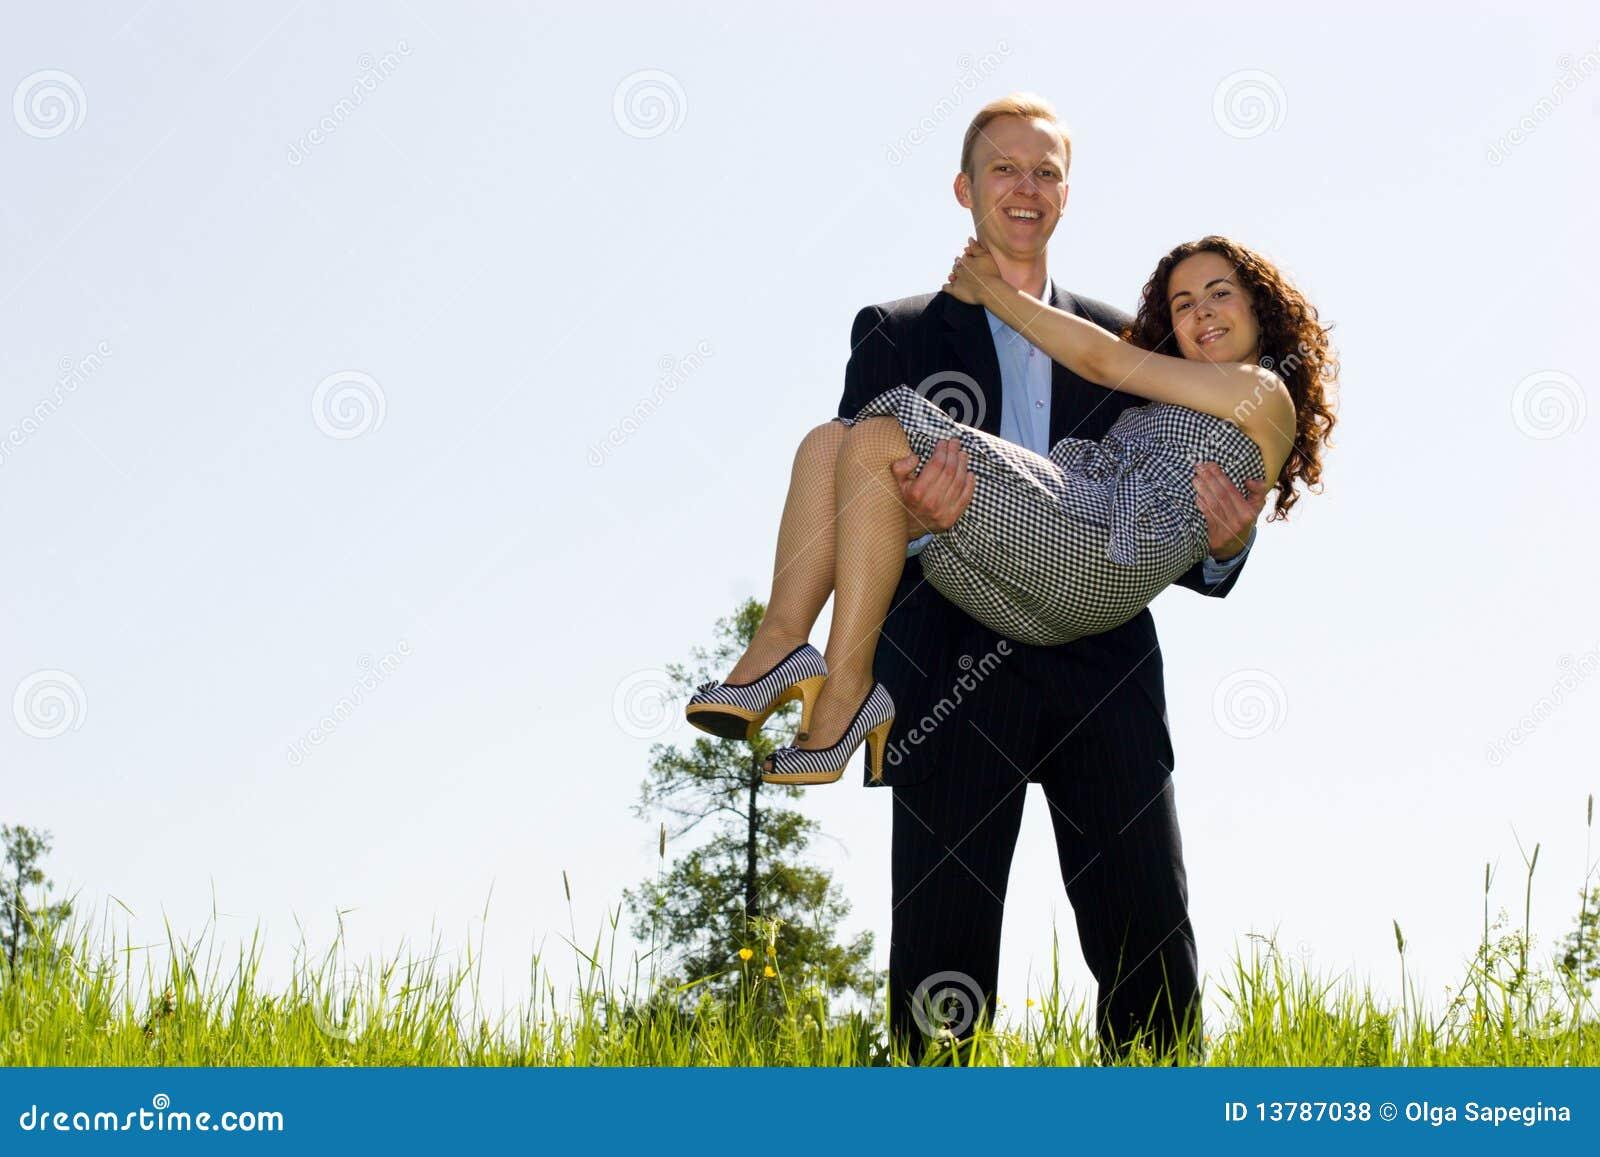 Смешная картинка мужик держит бабу на руках, марта